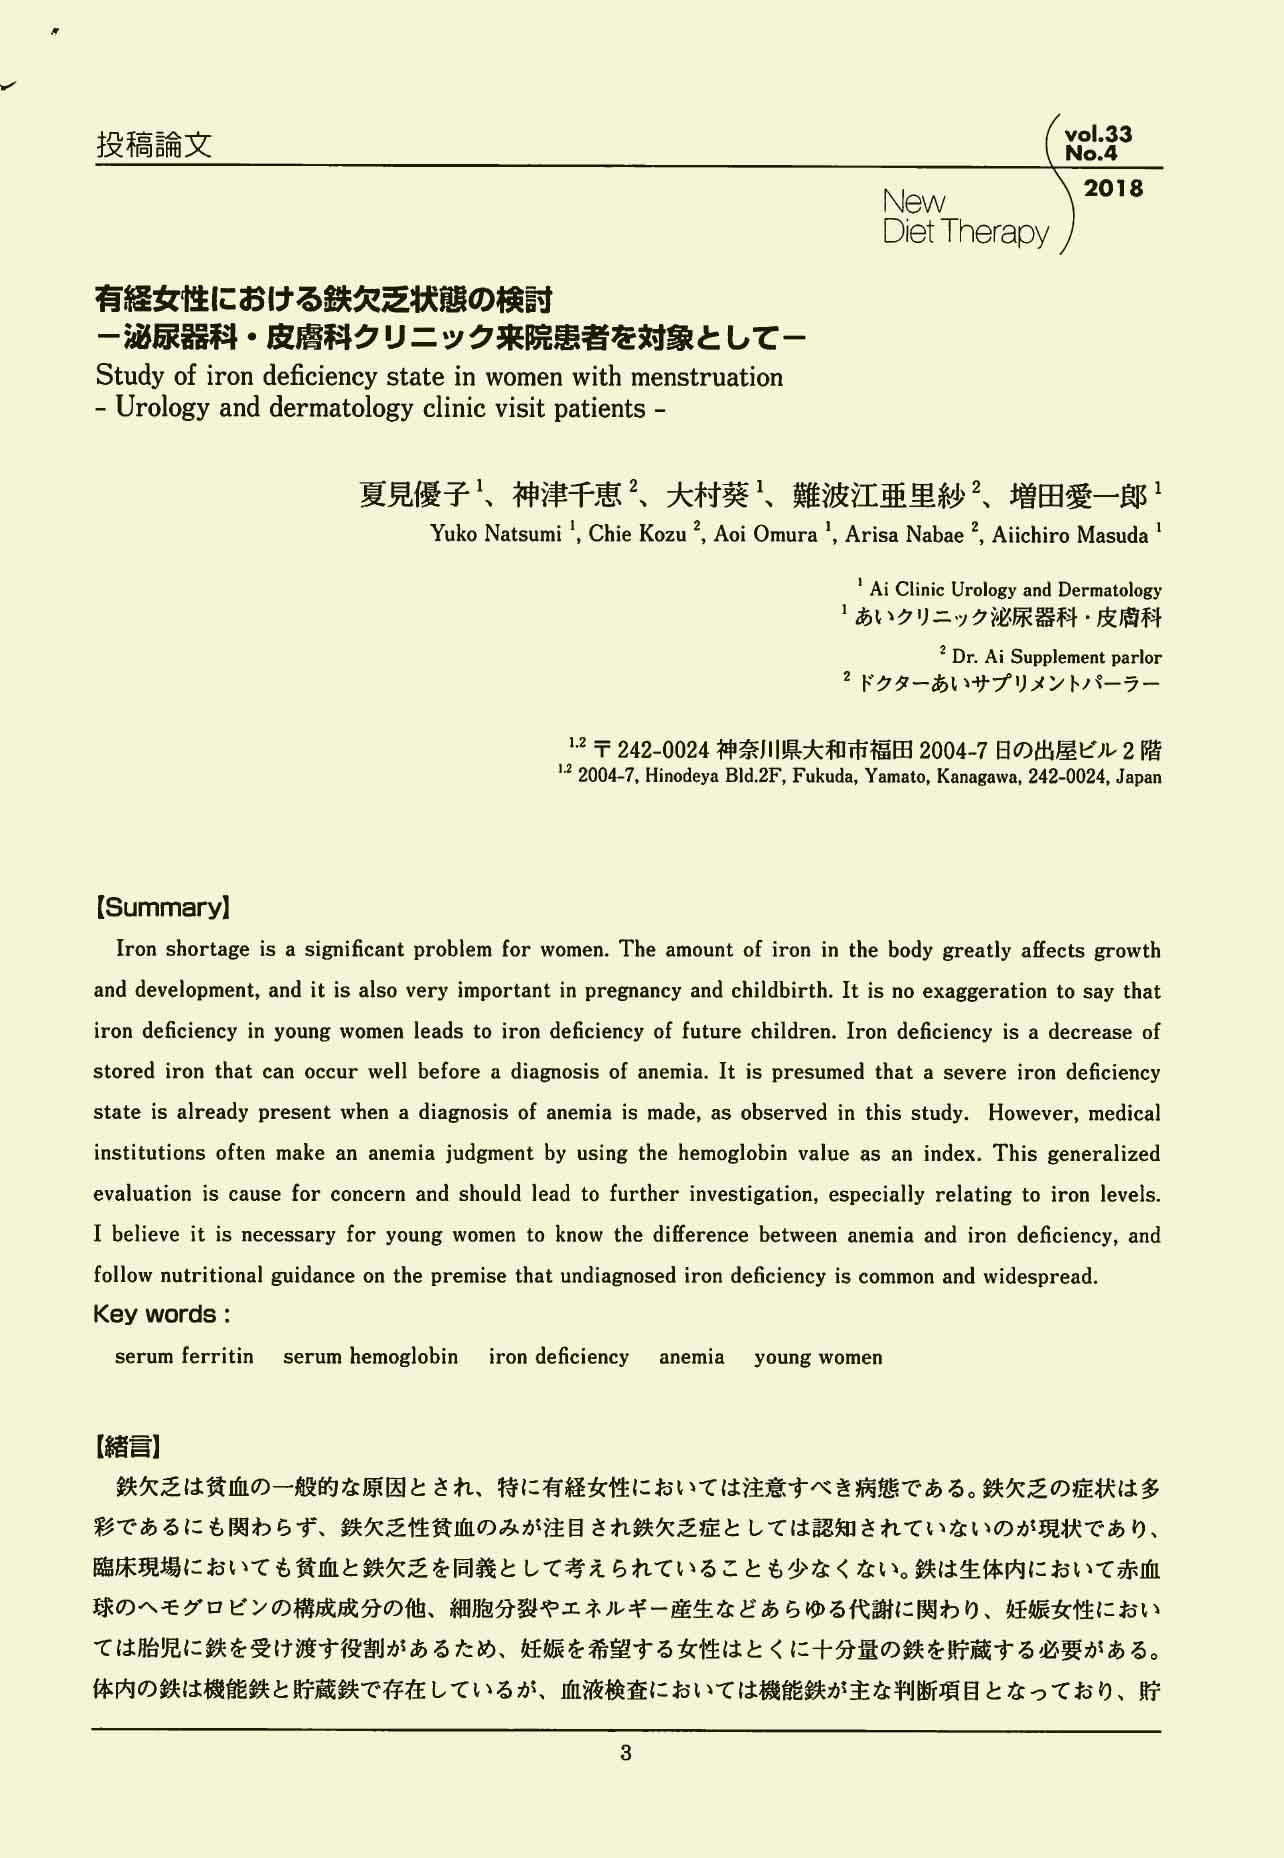 鉄欠乏についての論文が日本栄養臨床協会に認められました